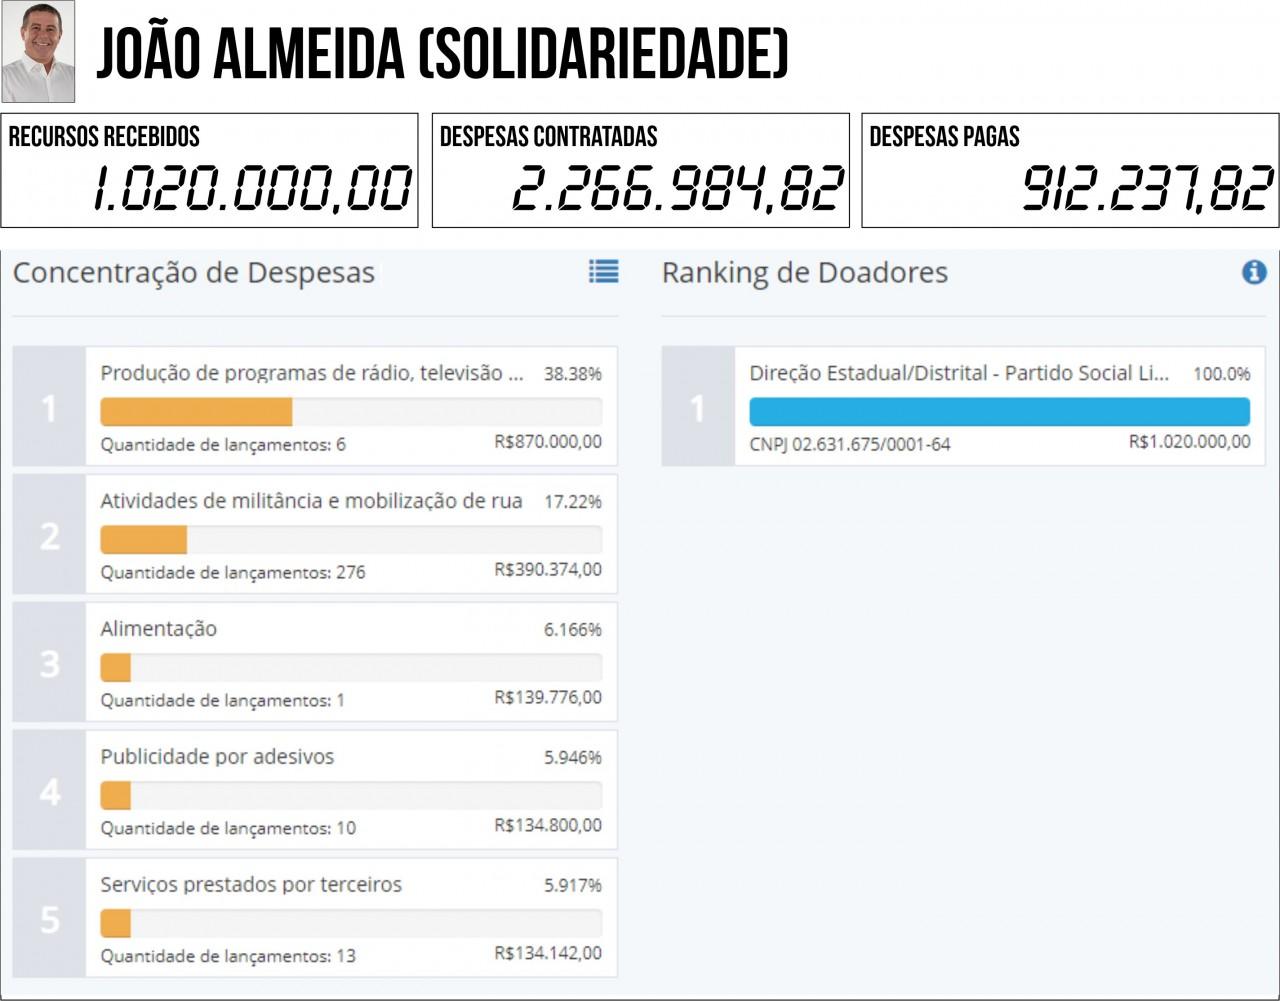 JOAO ALMEIDA SOLIDARIEDADE - 2ª PRESTAÇÃO DE CONTAS: Seis candidatos à PMJP gastaram mais do que arrecadaram - VEJA QUEM SÃO